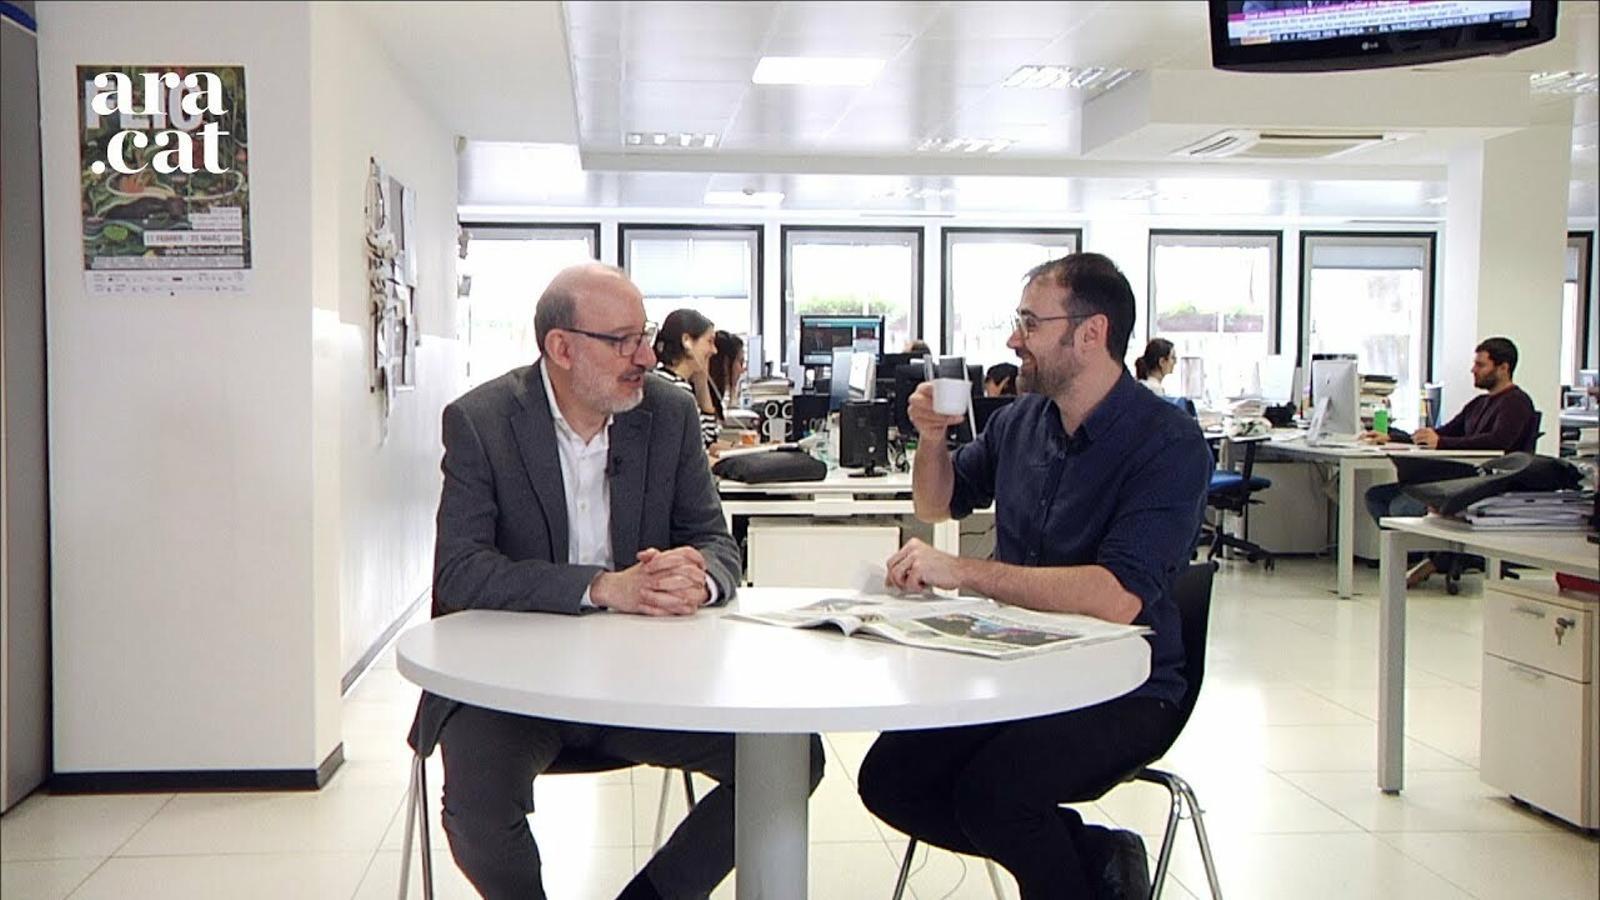 El cafè de la Lliga: Valverde i Piqué, triomfadors del febrer